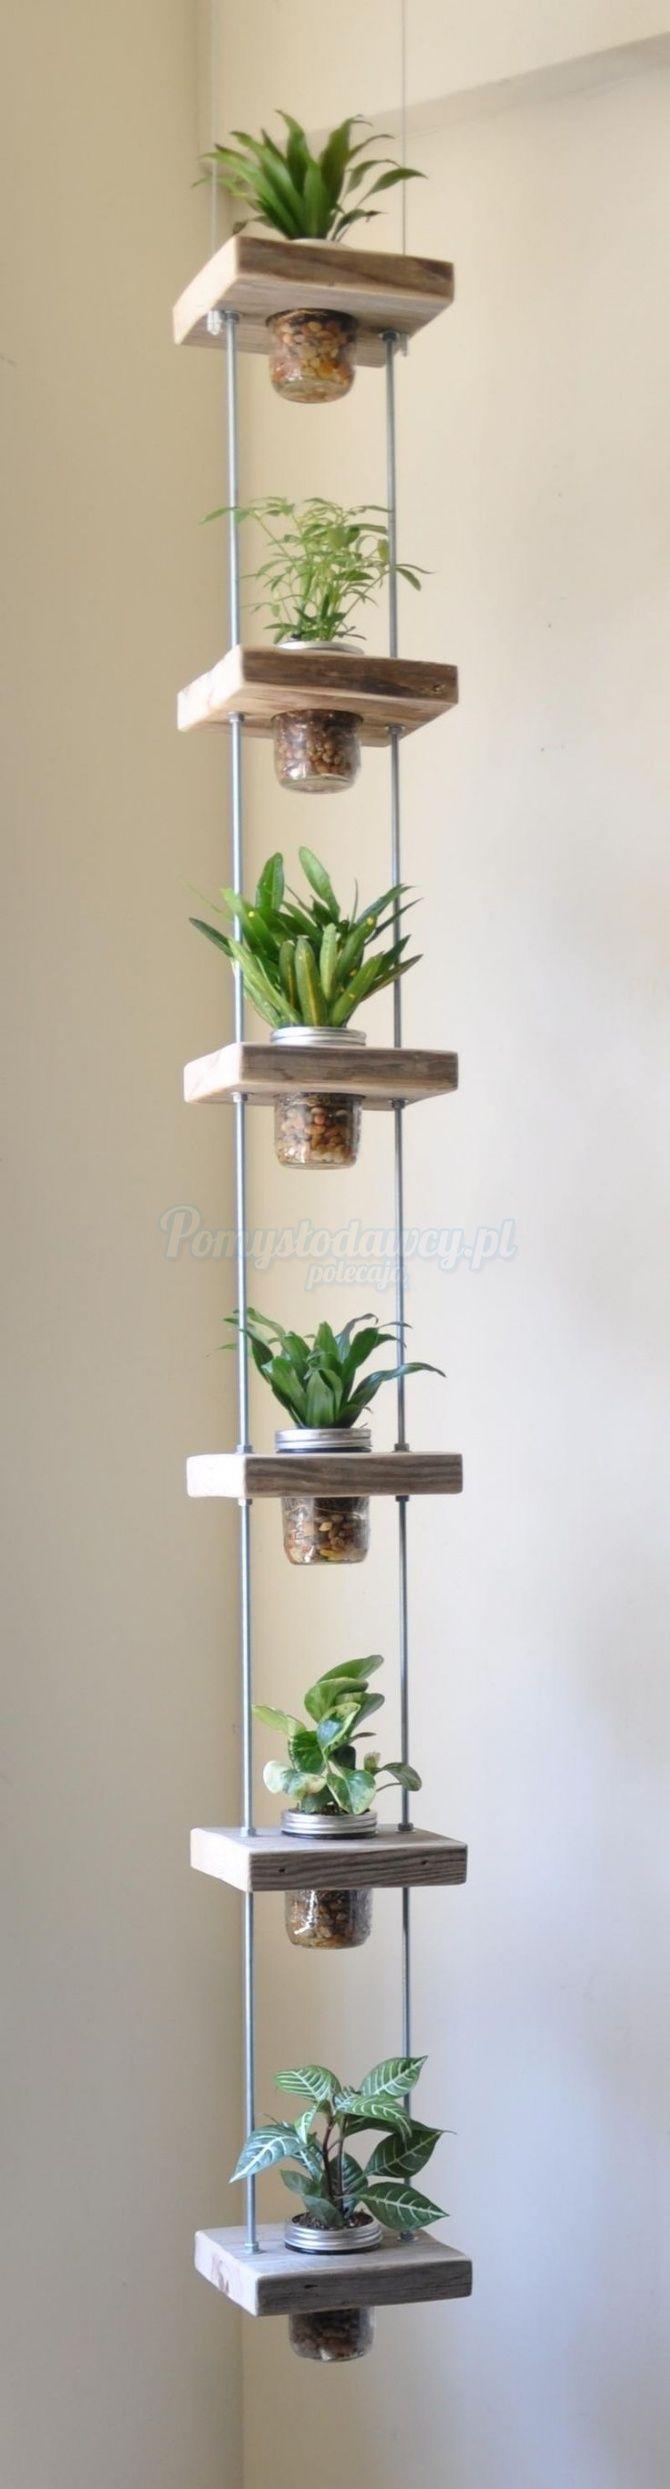 Super Wiszacy Kwietnik Z Desek I Sloikow Zrob To Sam A Indoor Herb Garden Hanging Herbs Plants